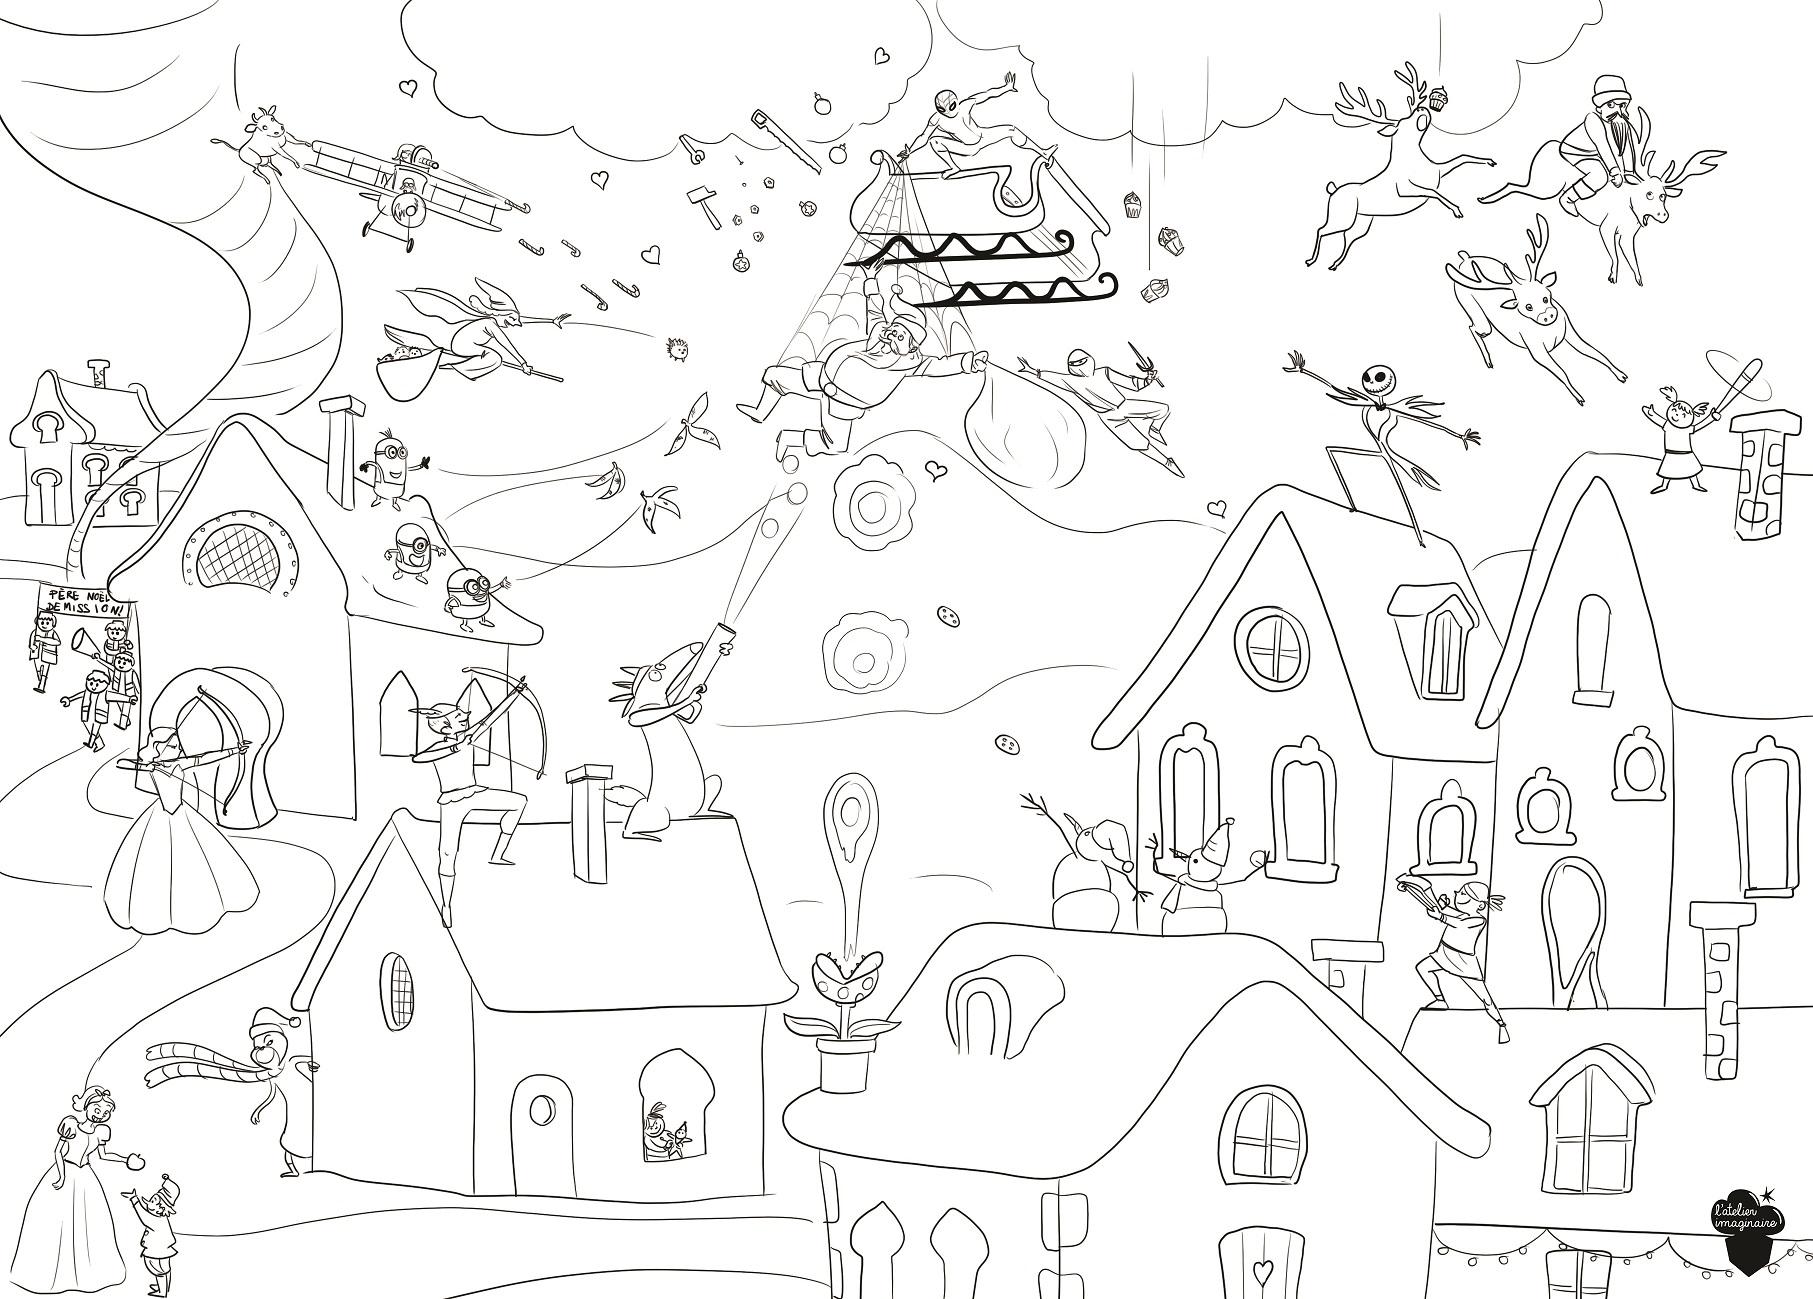 Tous Les Coloriages De L'atelier Imaginaire Sont En Ligne destiné Coloriage Village De Noel